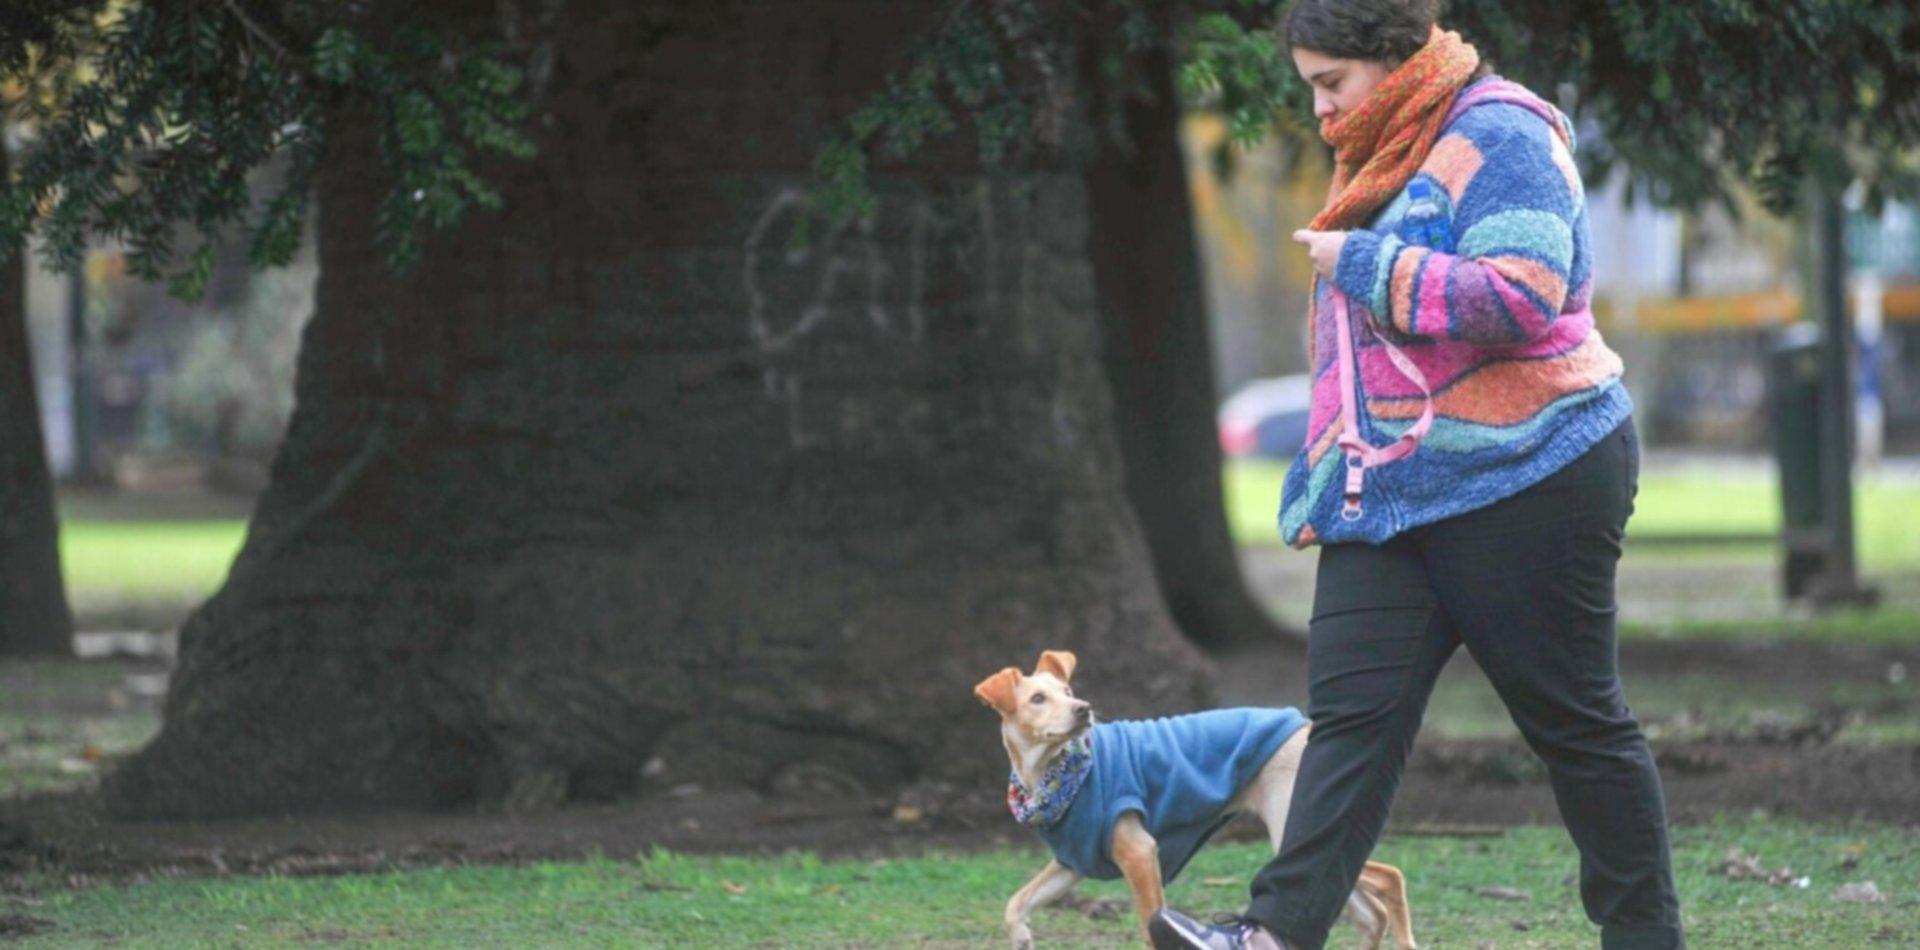 Tras la tormenta que nunca fue, llega el frío y así va a seguir el clima en La Plata